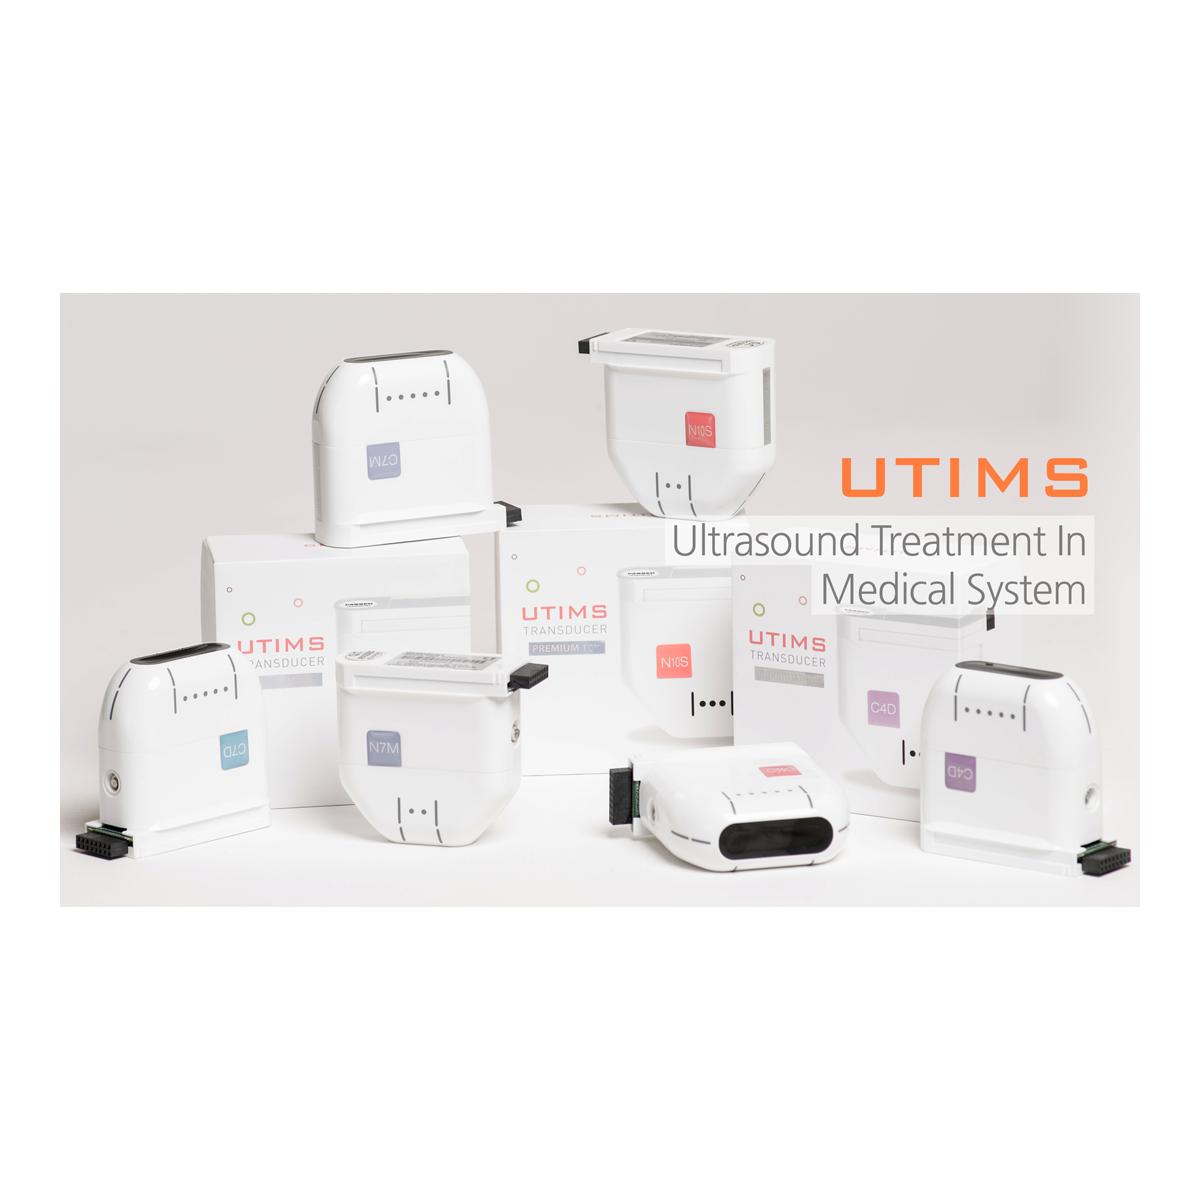 Computer HIFU ultrasuoni focalizzati UTIMS - HIFU - UTIMS